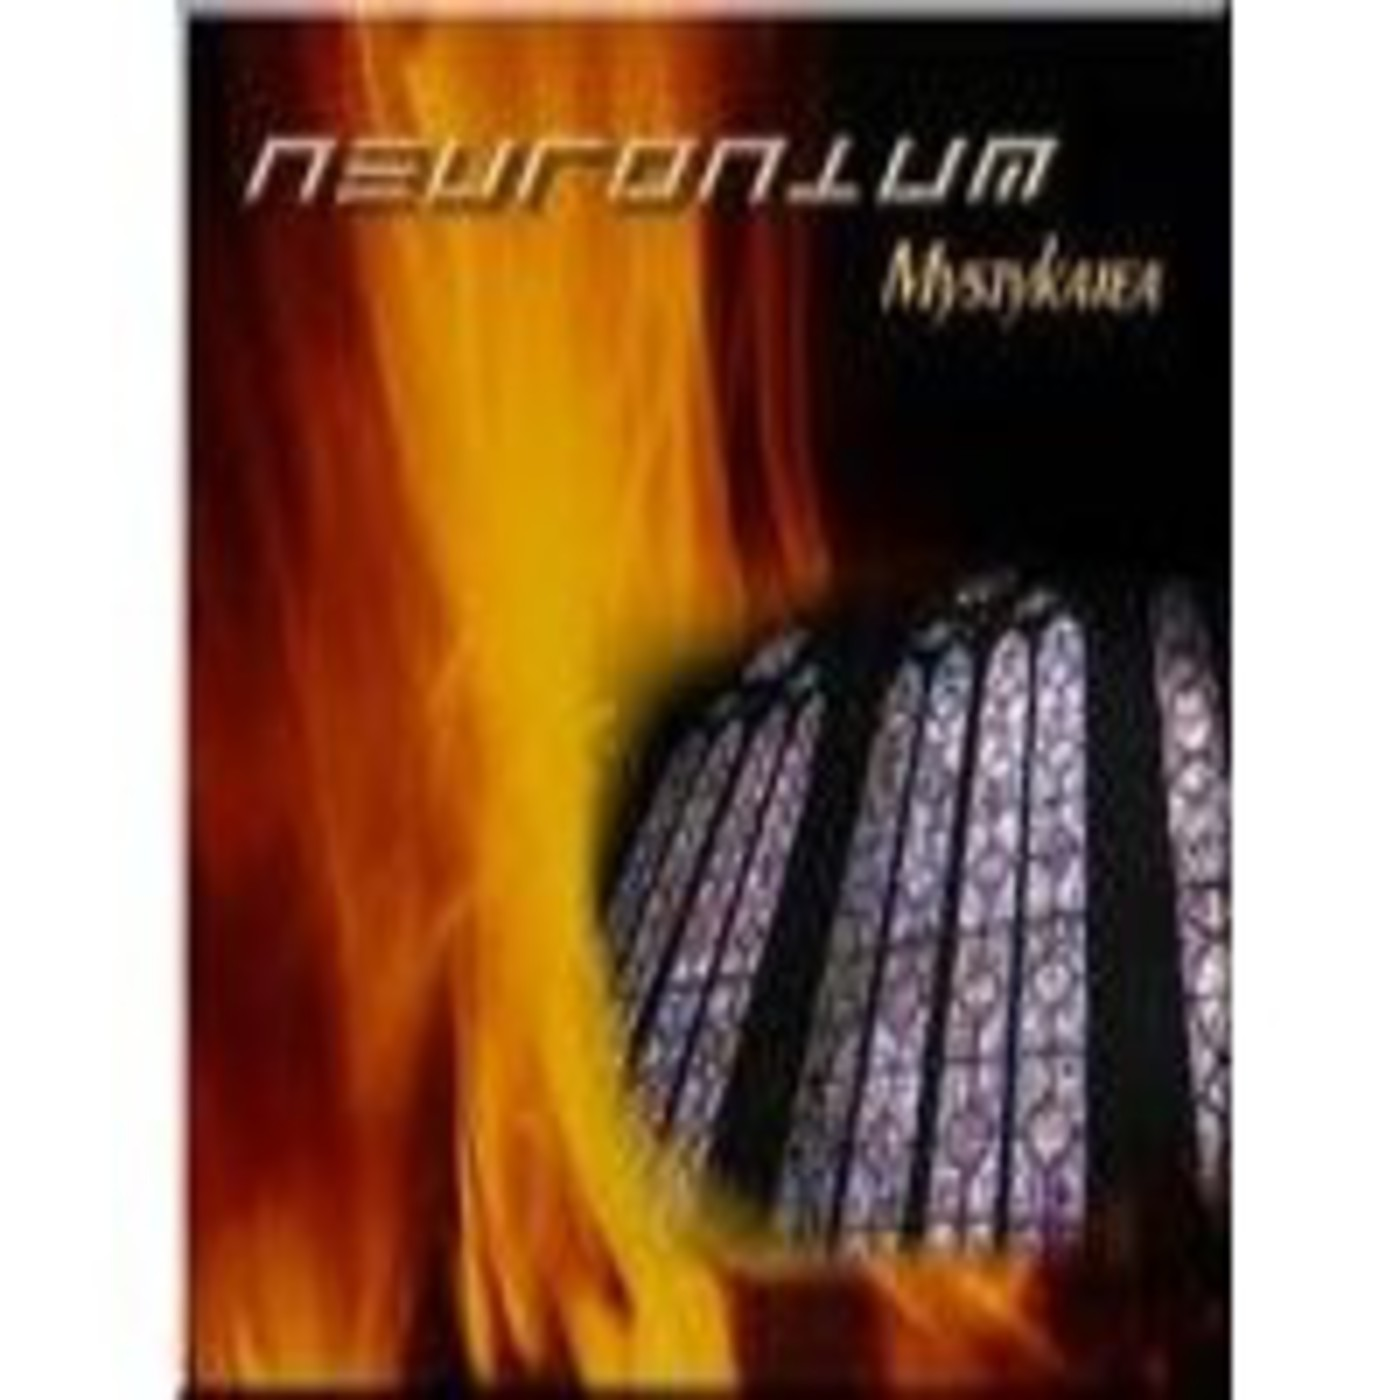 Neuronium en busca del misterio en musicas milenio 3 y for Cuarto milenio radio horario